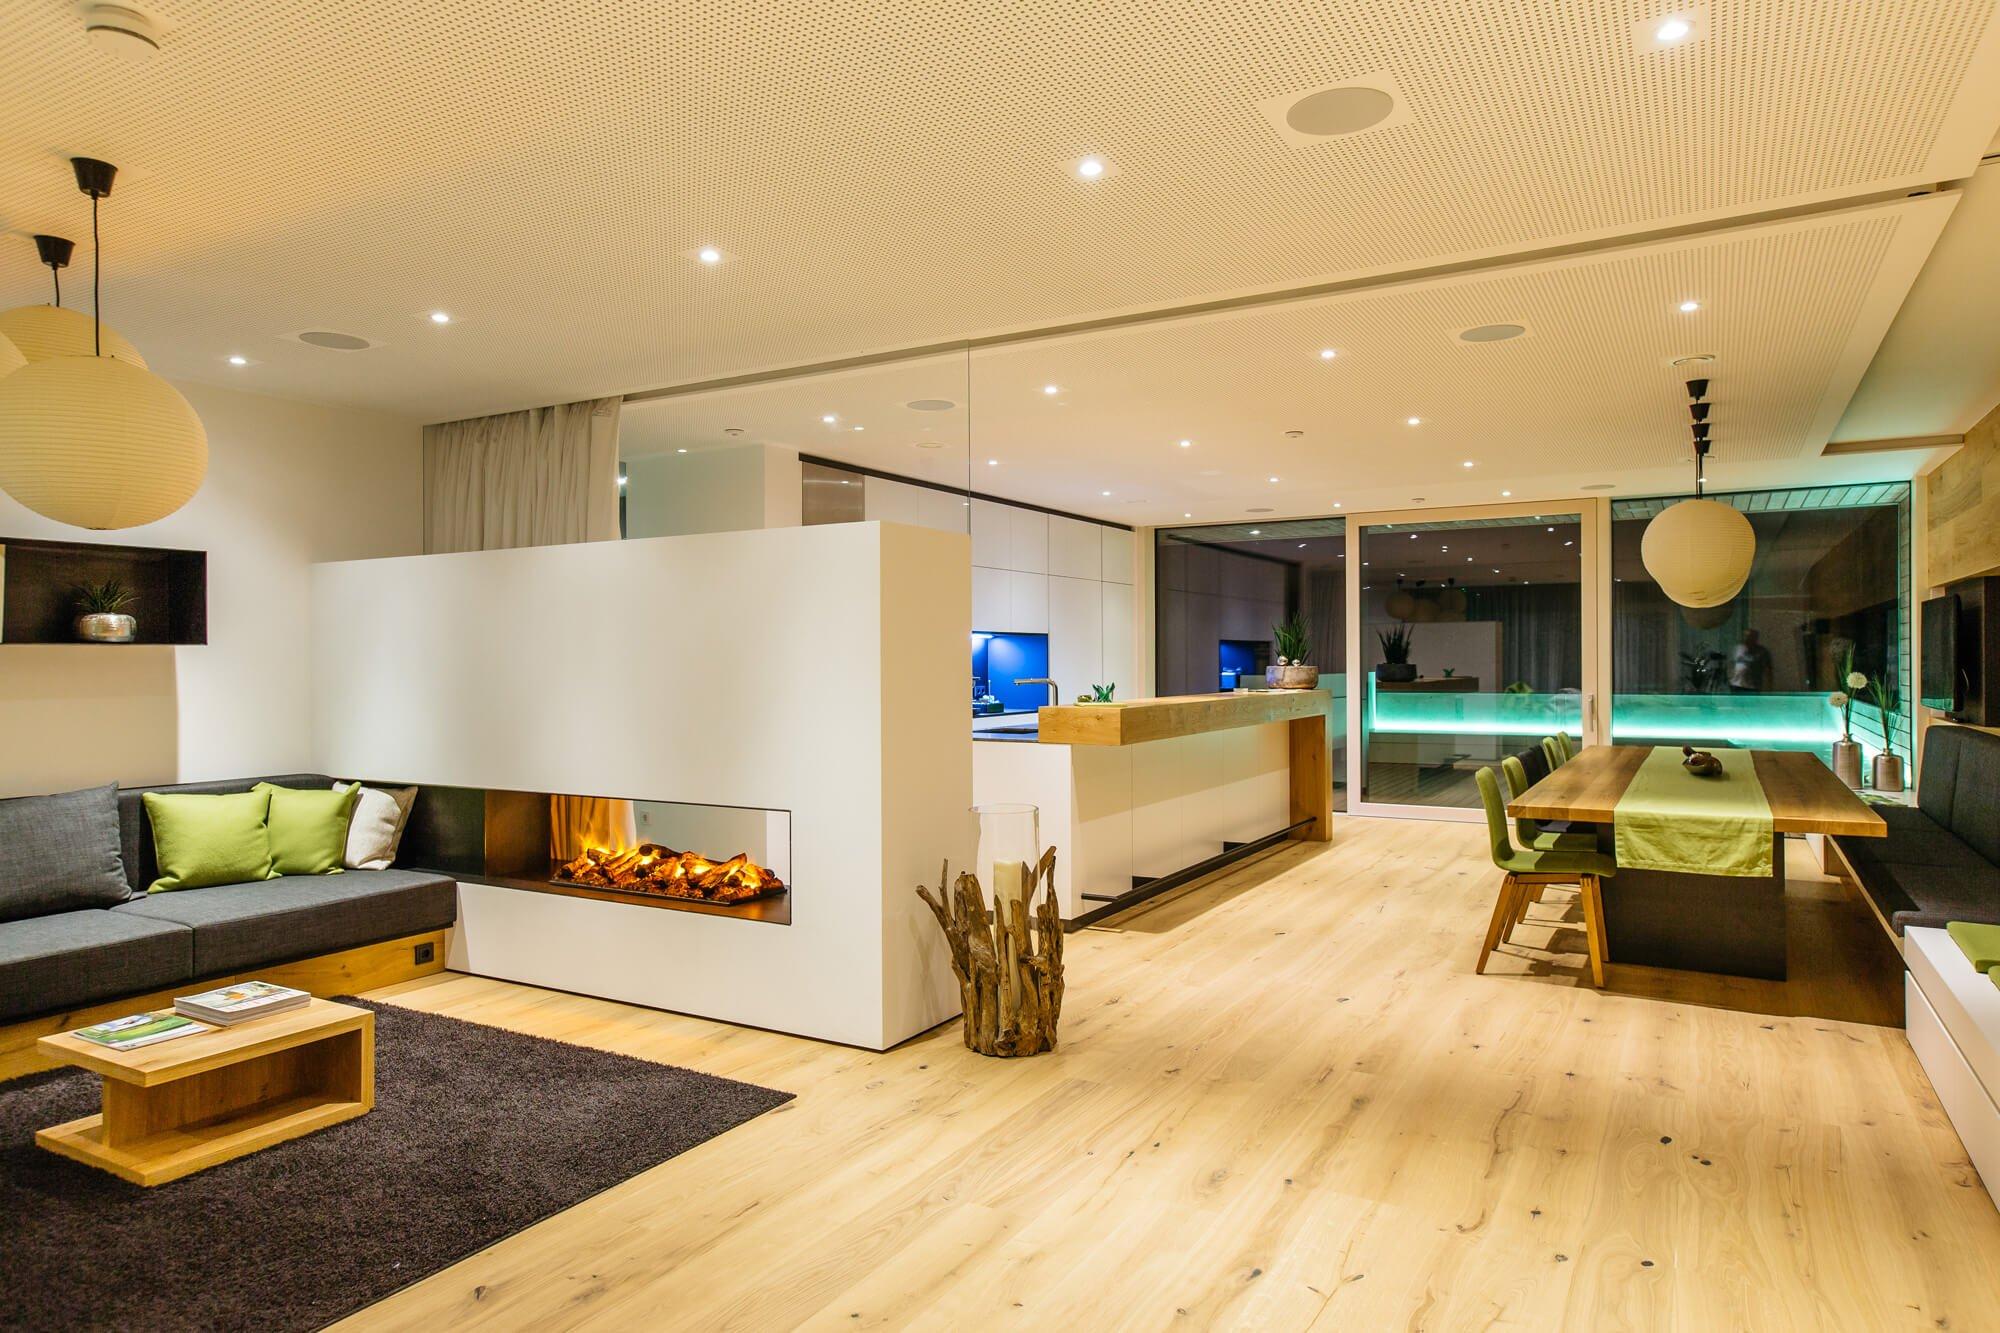 Full Size of Deckenspots Wohnzimmer 24v Led Spots Exzellentes Licht Maximale Energieeffizienz Fr Schrankwand Beleuchtung Deckenleuchte Stehlampen Deckenlampen Modern Wohnzimmer Deckenspots Wohnzimmer